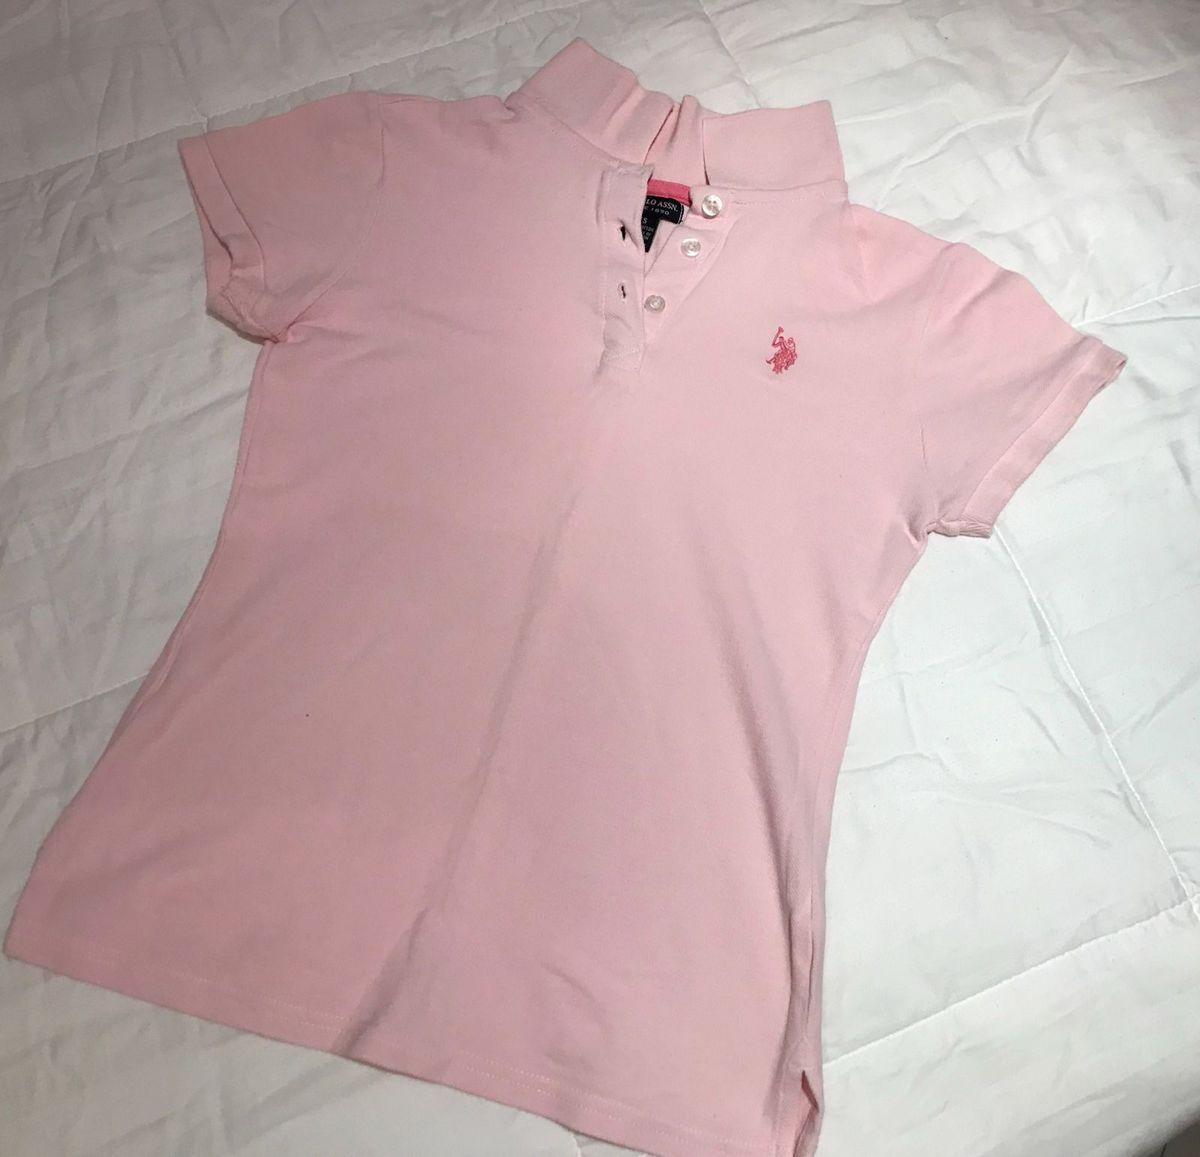 6c860a3d5b camisa polo rosa claro - camisas u.s polo.  Czm6ly9wag90b3muzw5qb2vplmnvbs5ici9wcm9kdwn0cy84ndi2otq0lzjimzblm2zmnzvkngu0mthlzge2ywi1otaynwjjzjfjlmpwzw